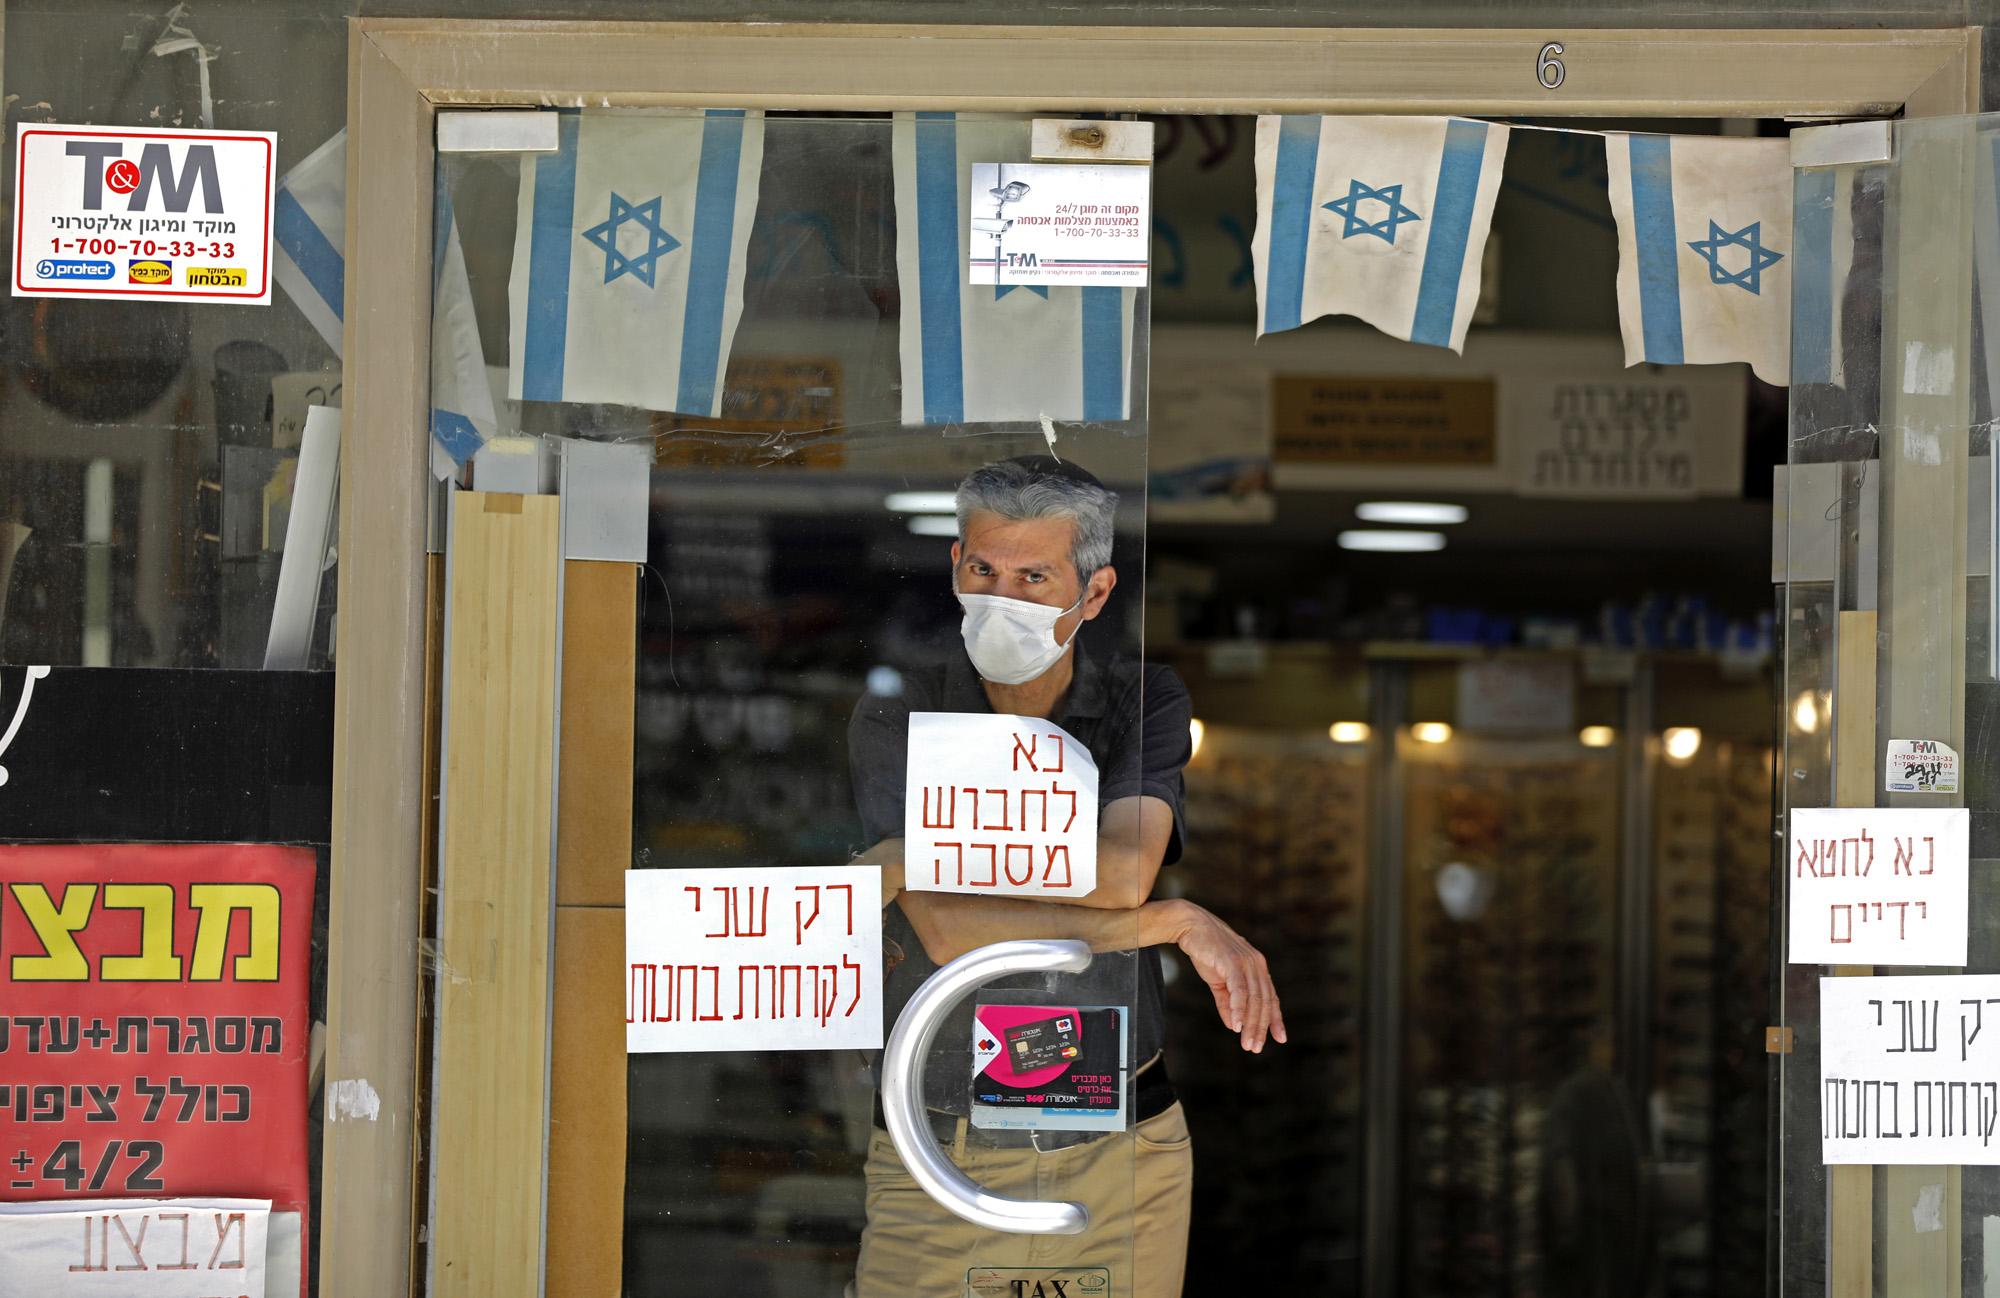 Een foto van een man met een mondkapje in Israël